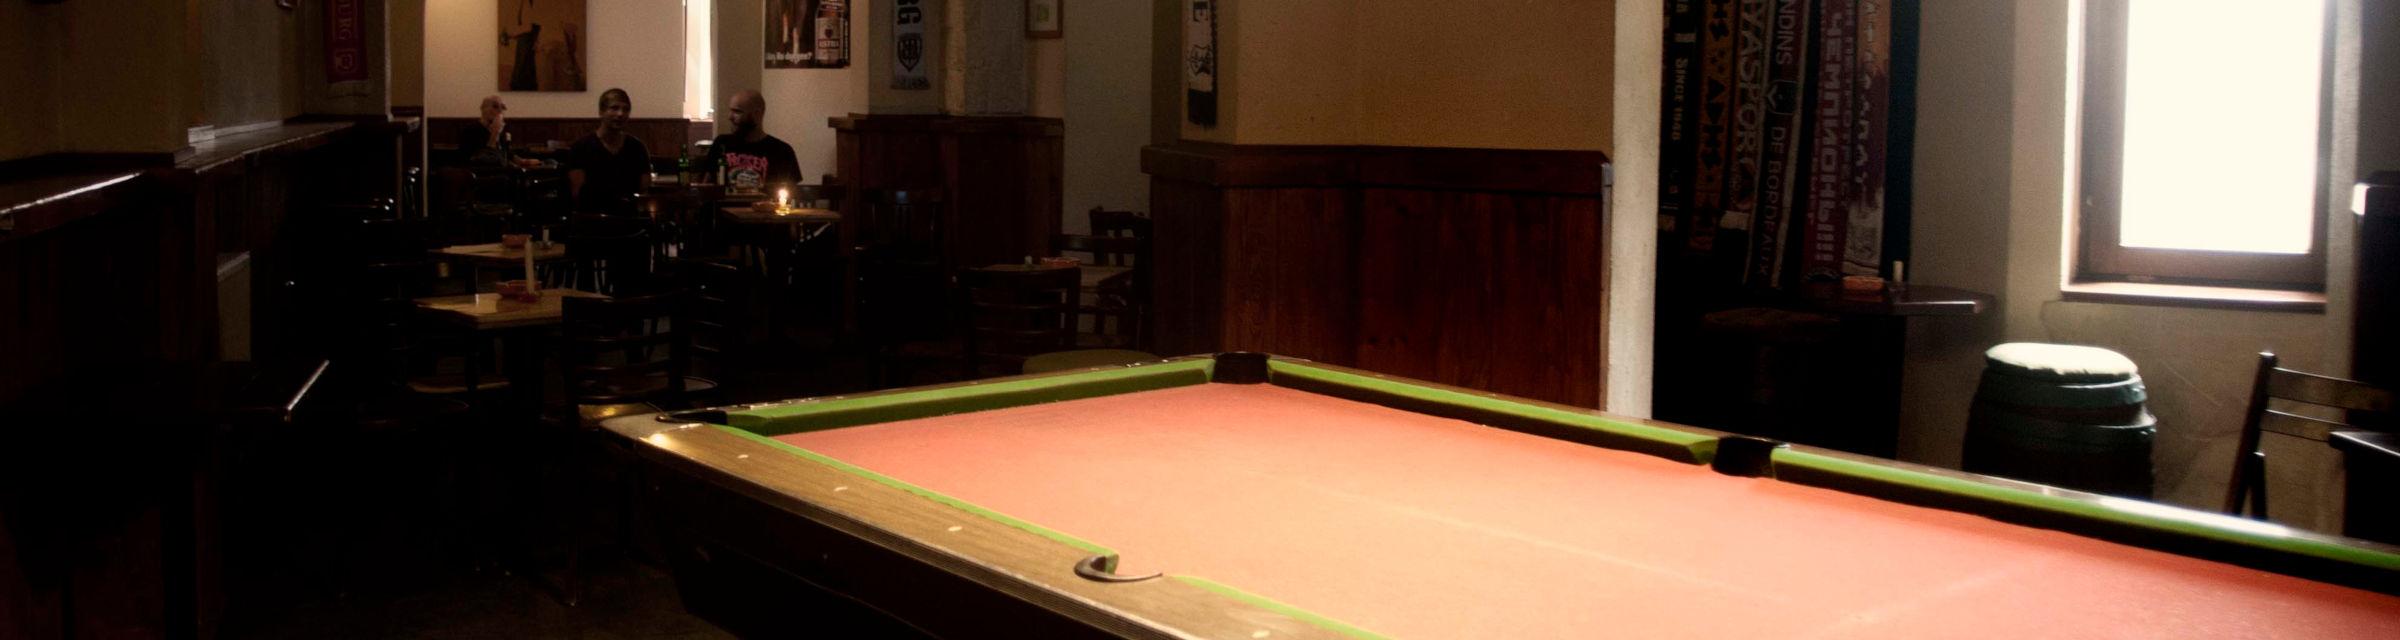 Billiardtisch im Unikum